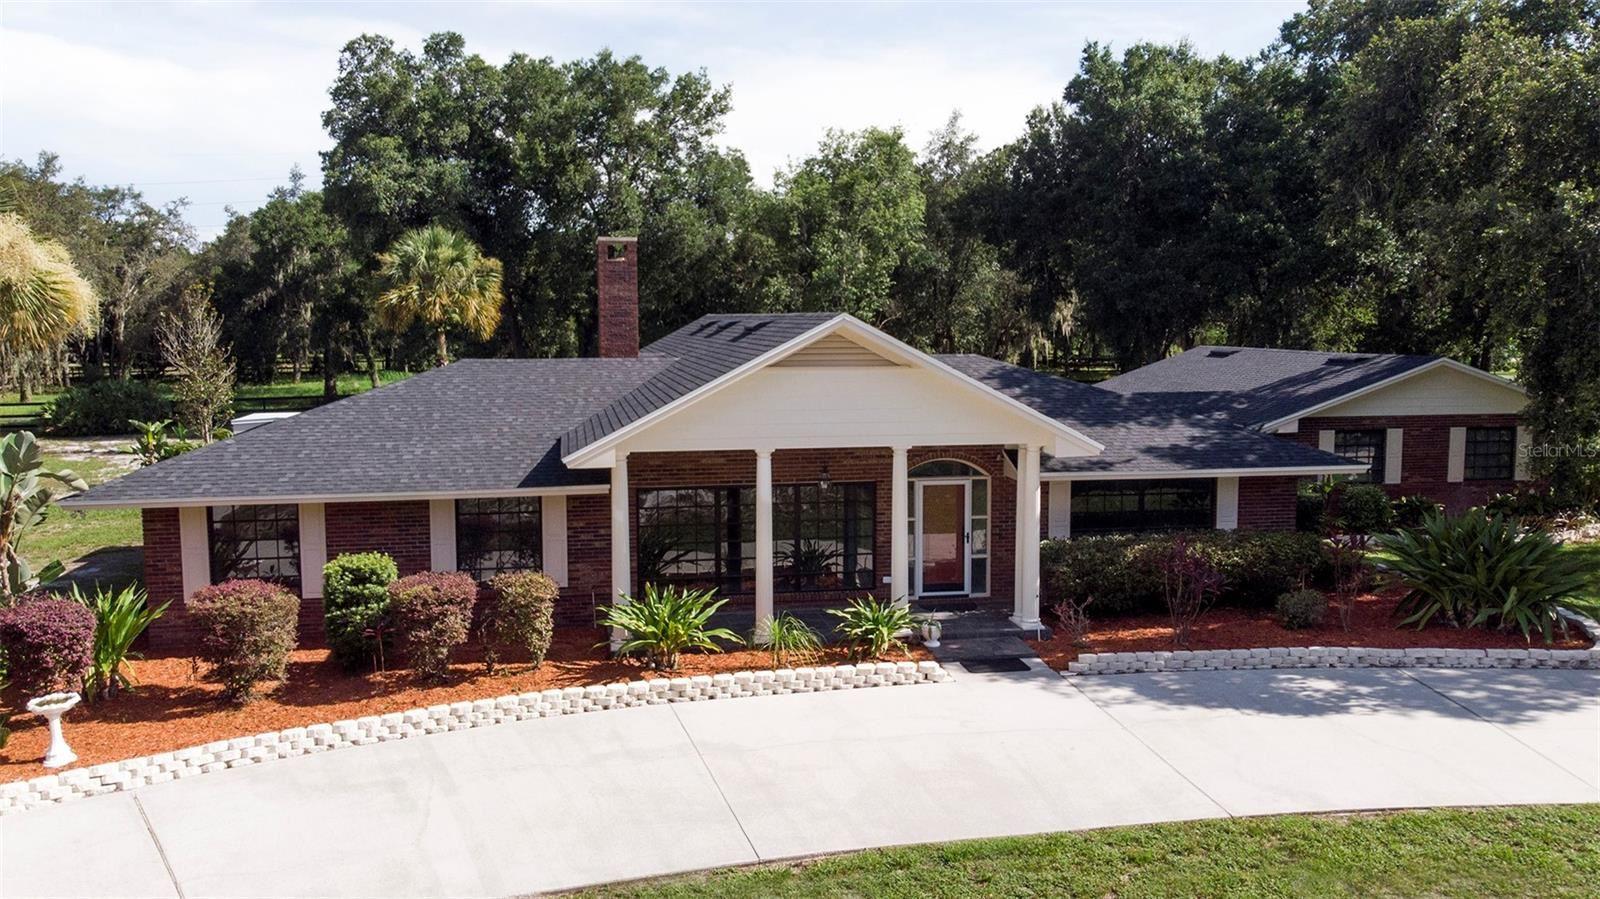 8606 CHICKASAW FARMS LANE, Orlando, FL 32825 - MLS#: O5955185